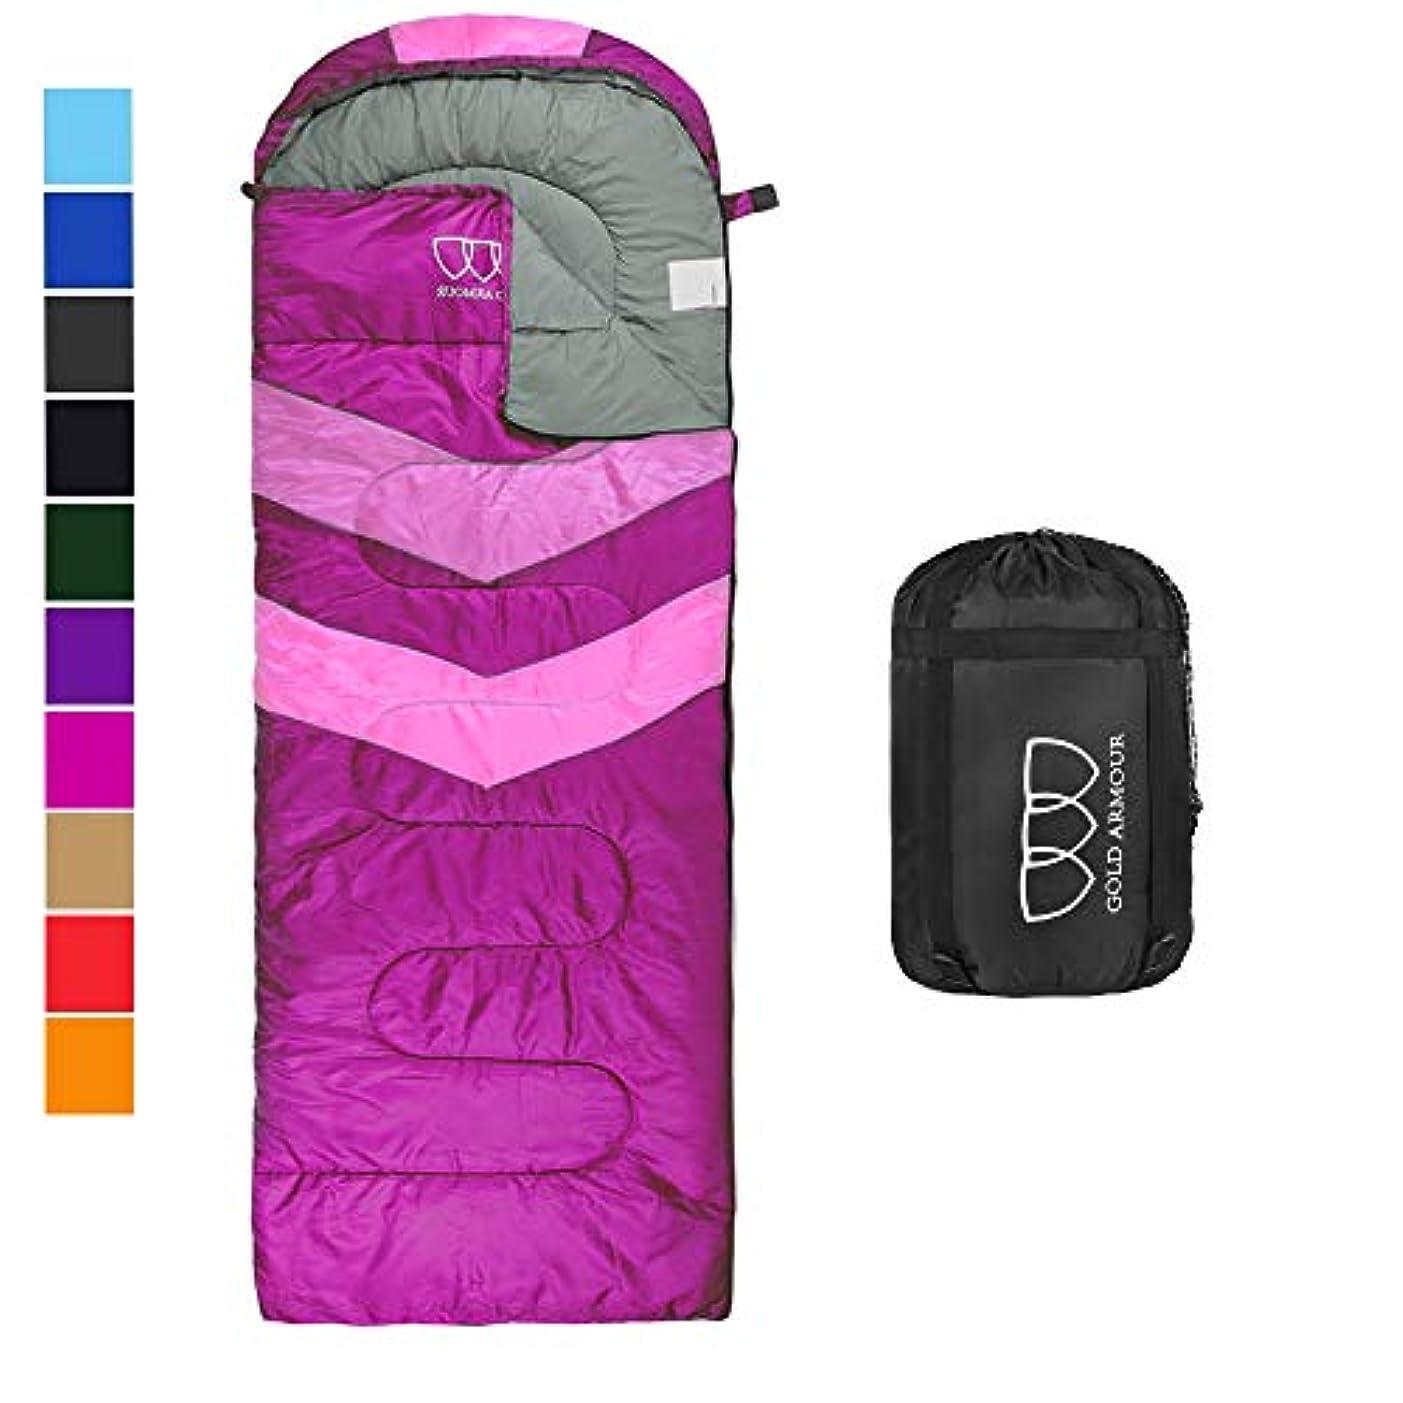 秘書逃れる任命するGold Armour 寝袋 - 寝袋 屋内&屋外用 - 子供 男の子 女の子 ティーン 大人に最適 超軽量コンパクトバッグはハイキング、バックパッキング、キャンプに最適